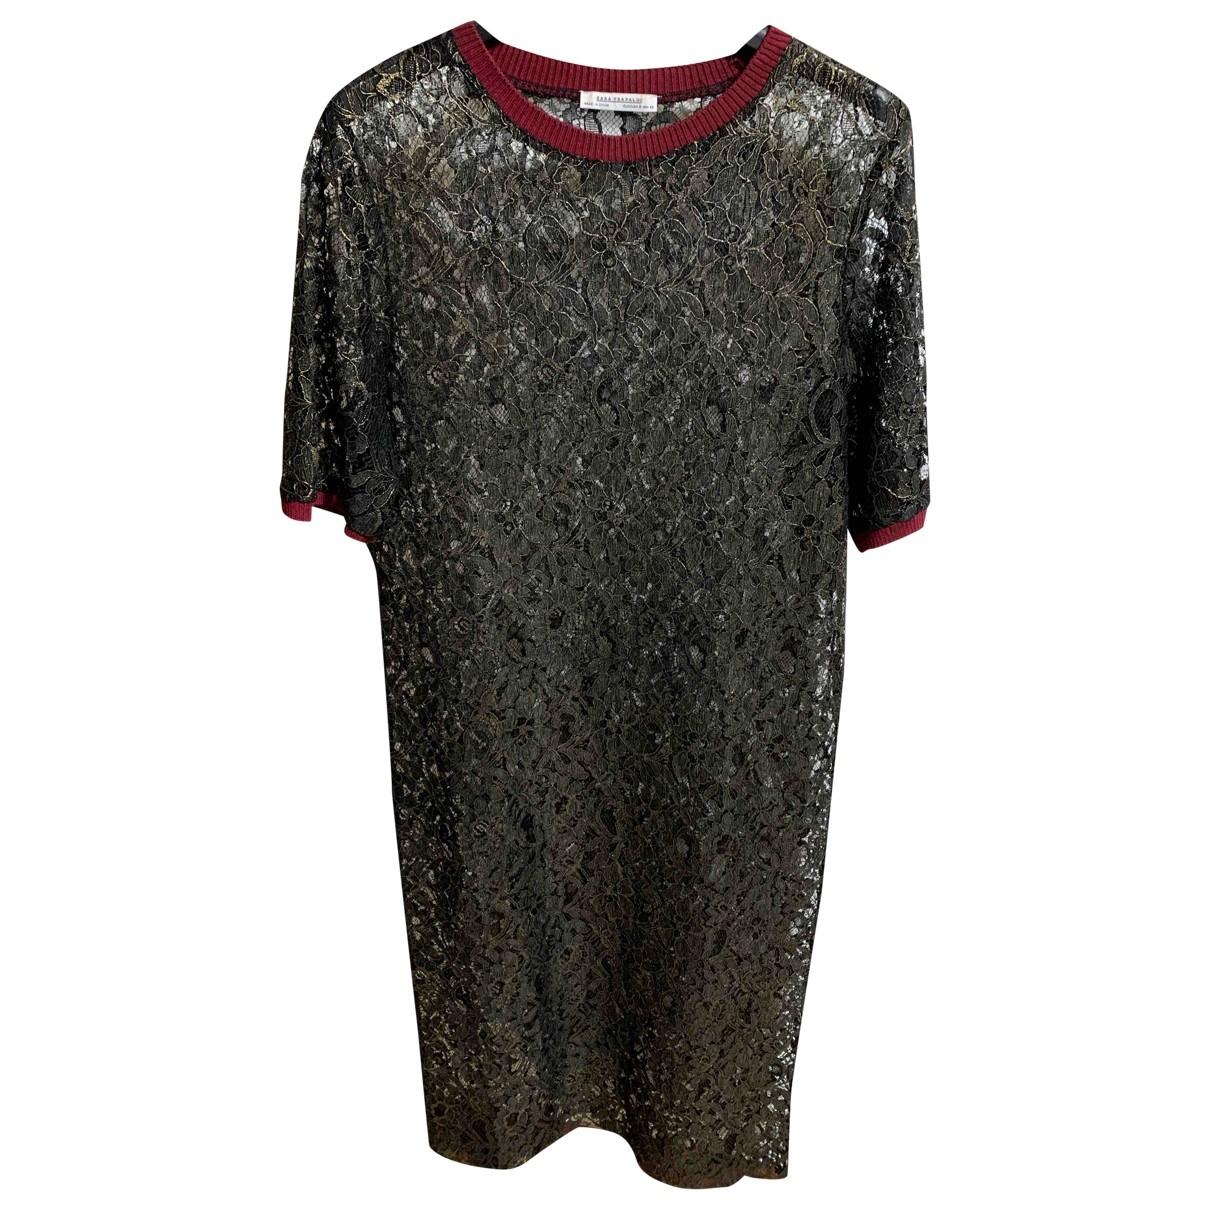 Zara - Robe   pour femme en dentelle - noir